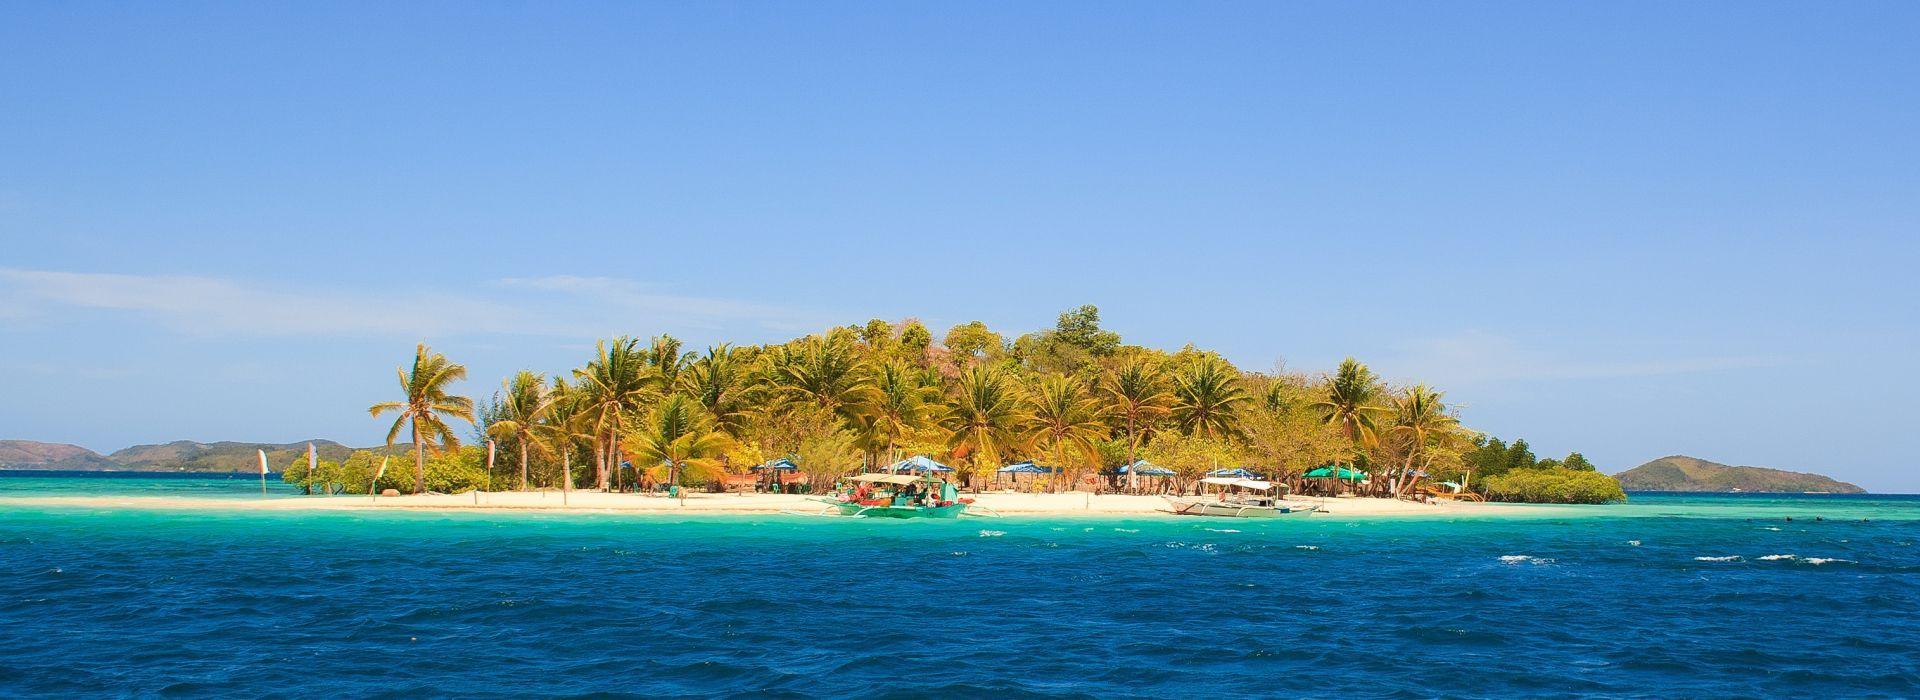 Explorer Tours in Philippines